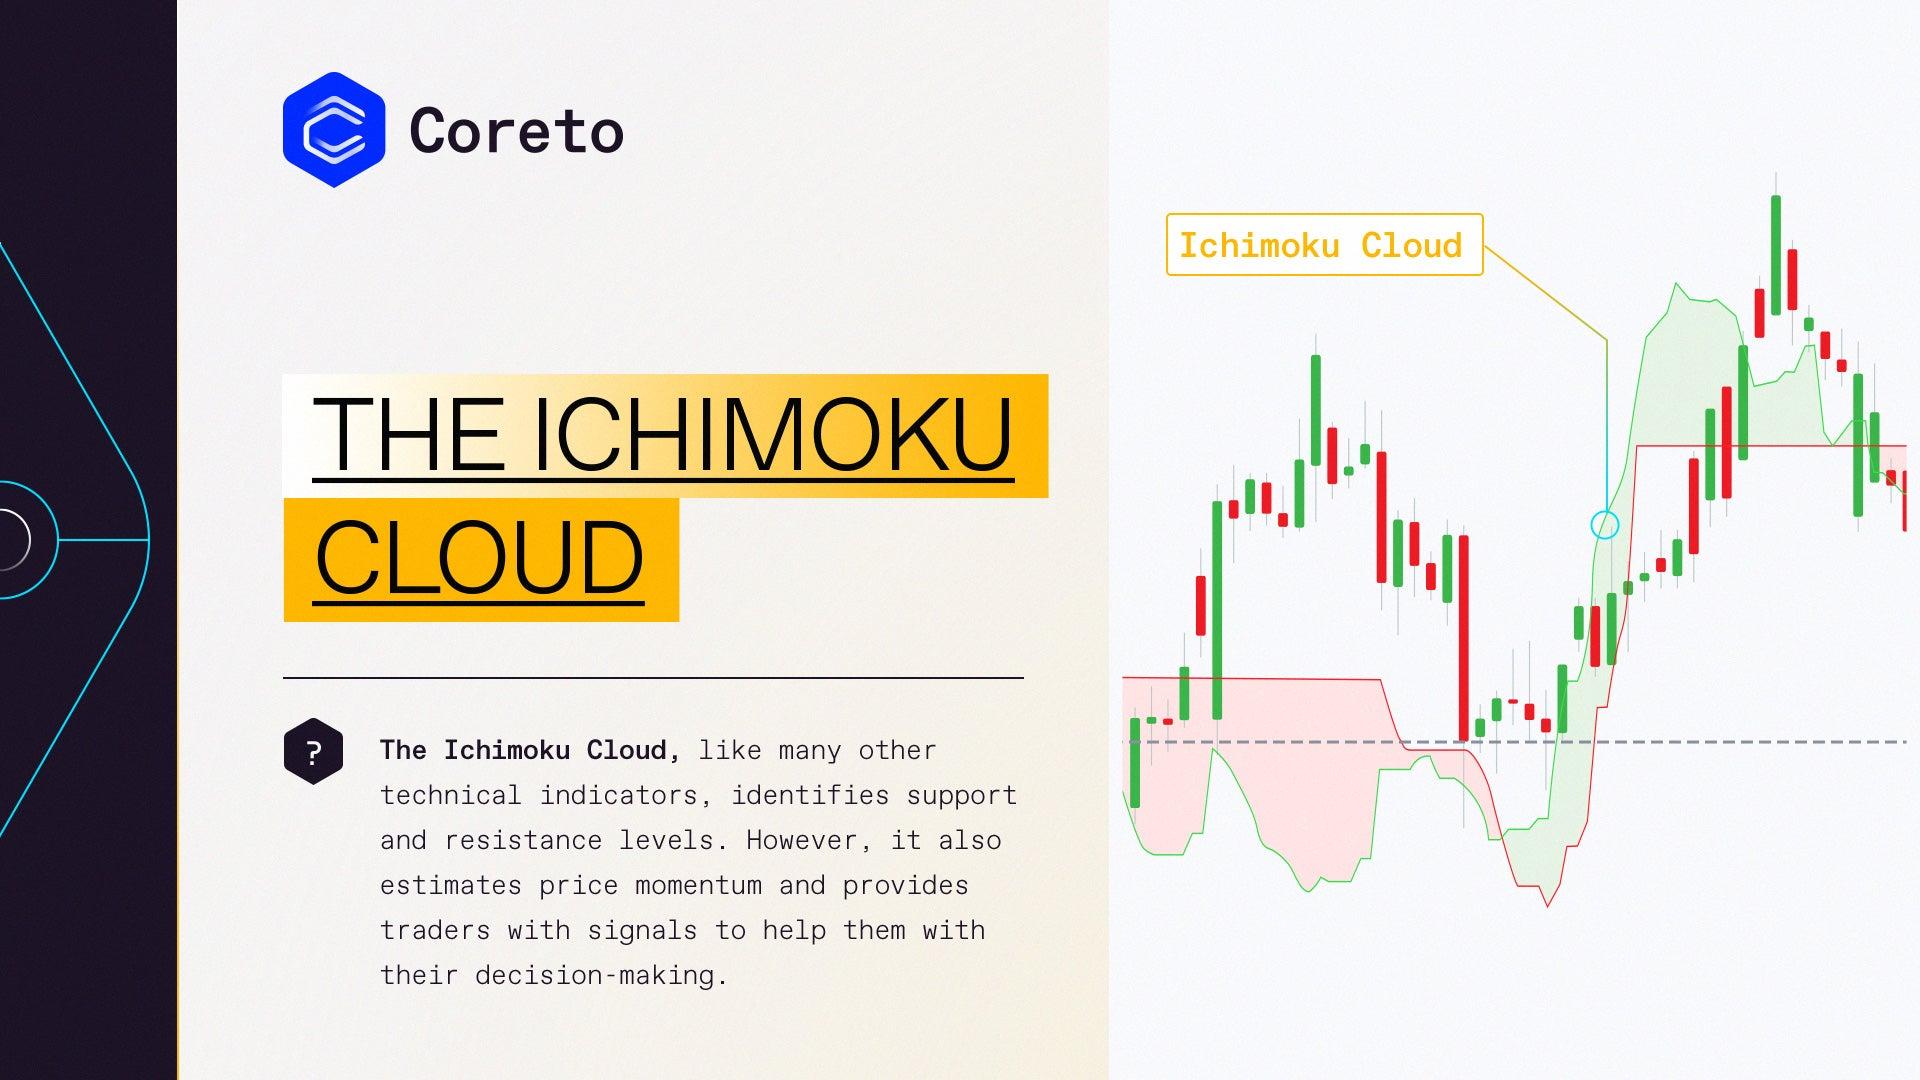 Ichimoku Cloud Technical Indicator | Coreto.io